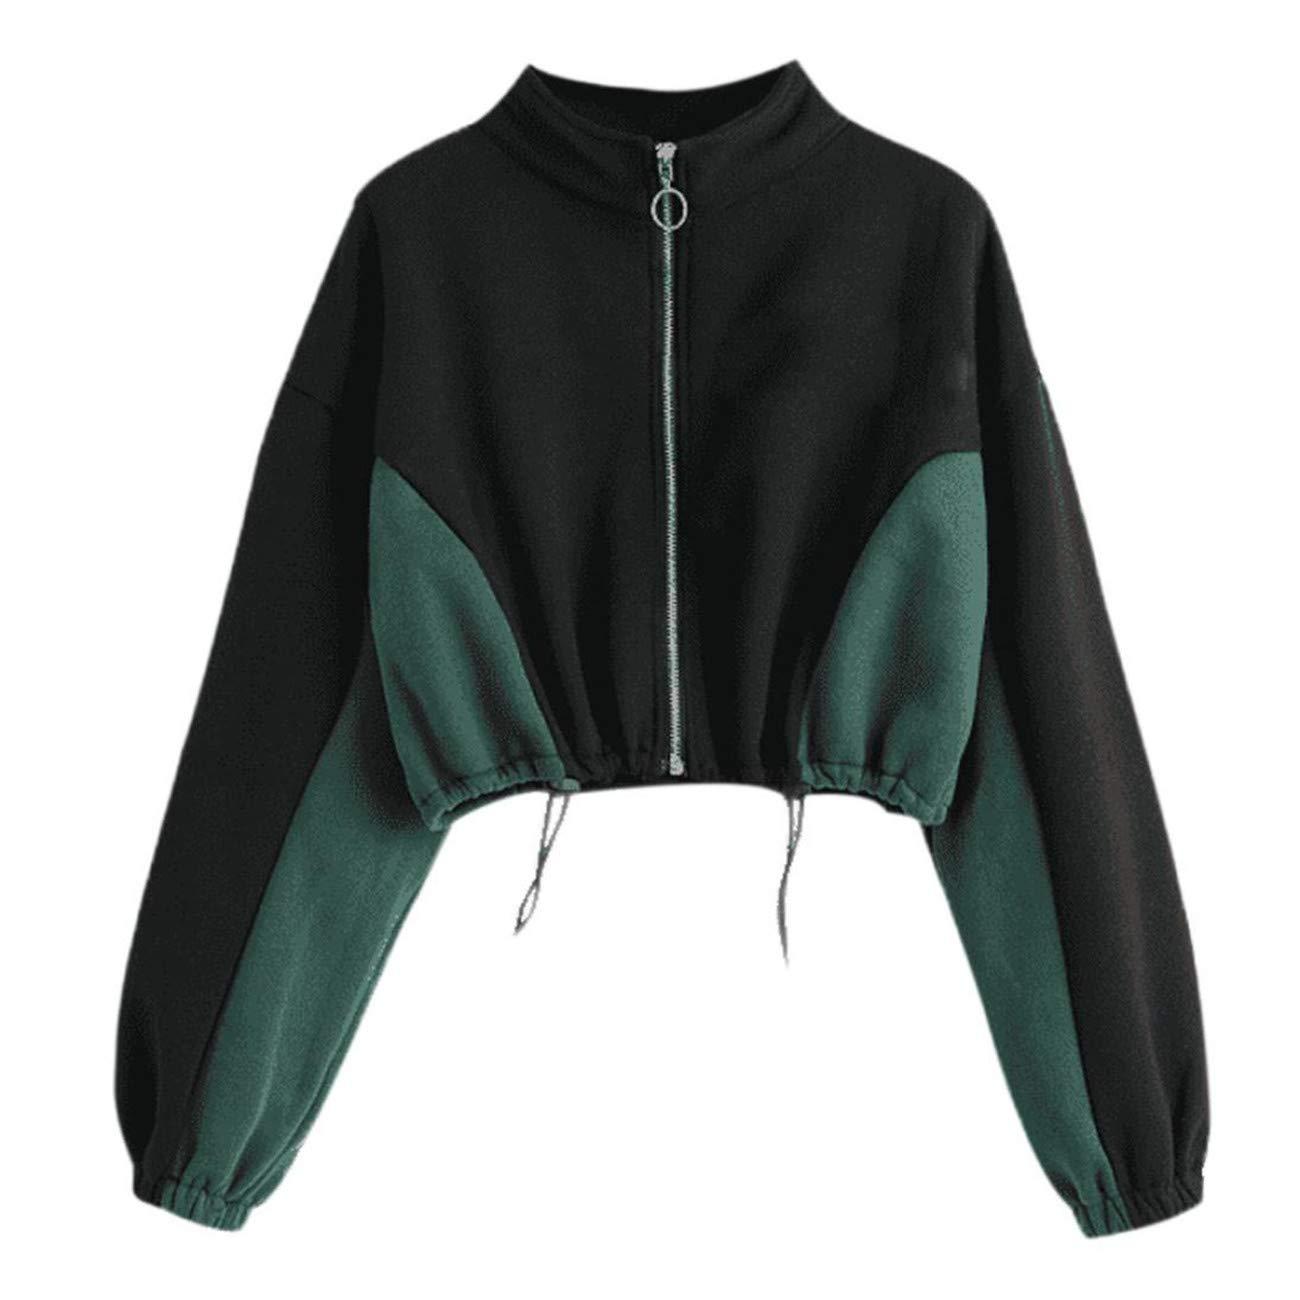 LHWY-Donna Outwear Autunno Inverno Solido Slim Fit Elegante Girocollo Cerniera Felpa Manica Lunga